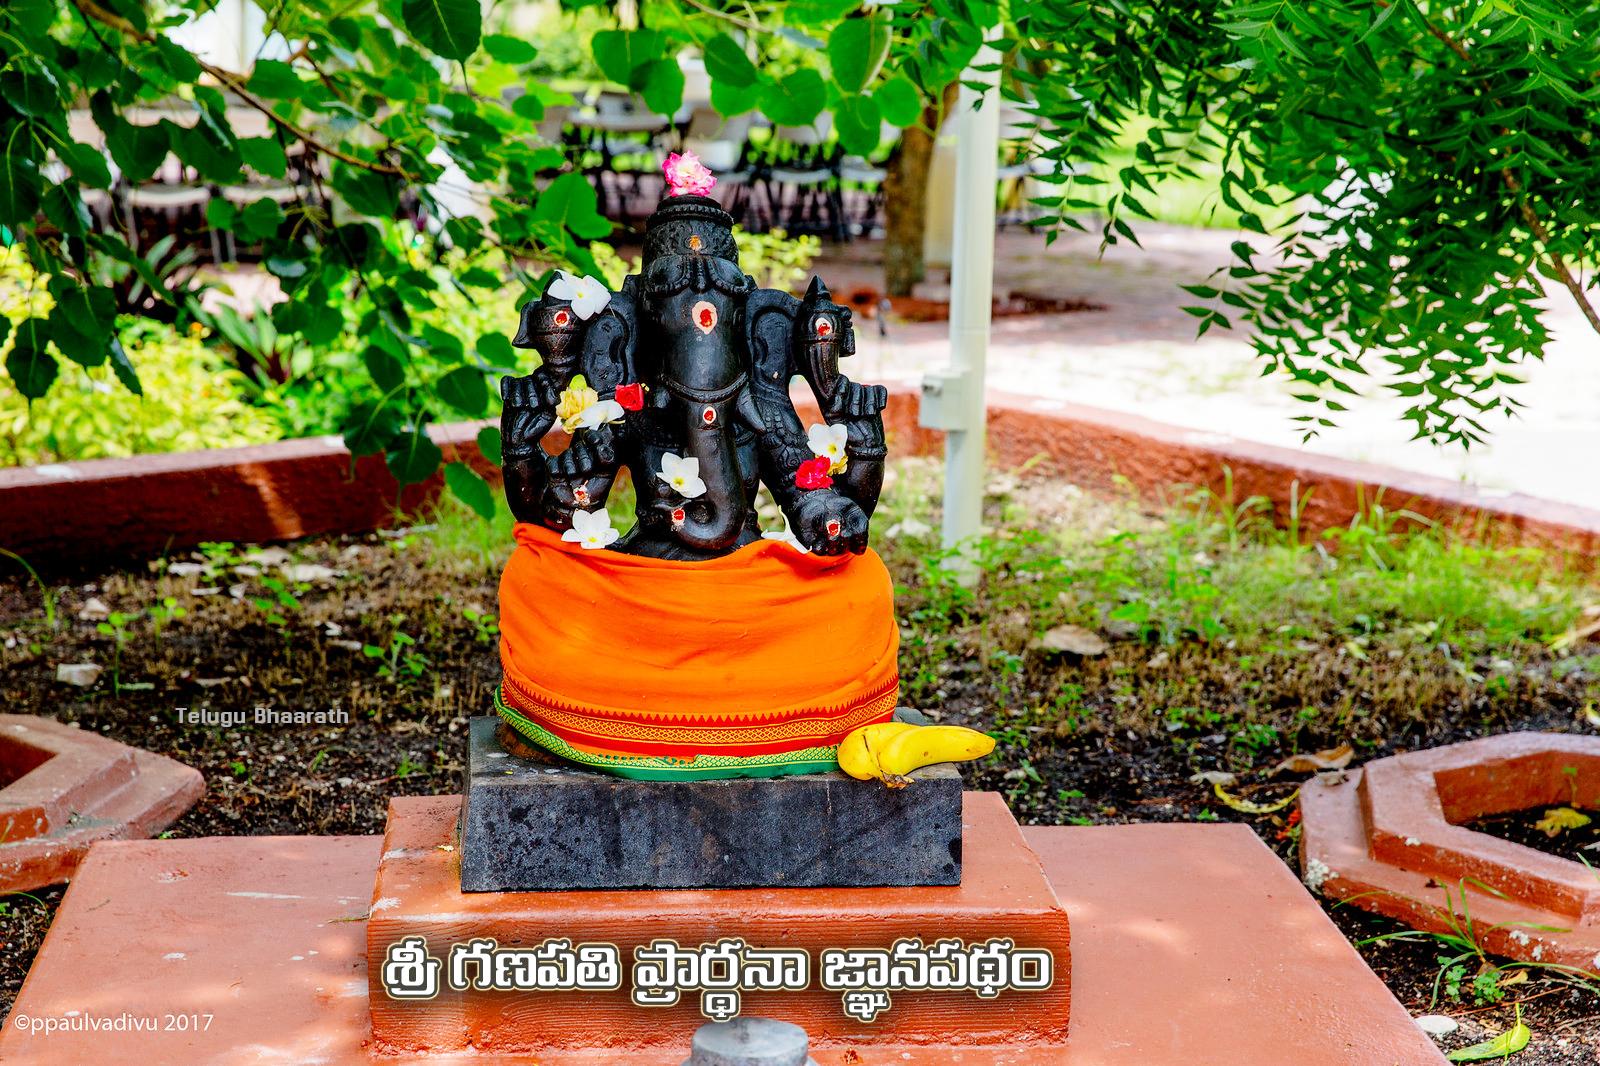 శ్రీ గణపతి ప్రార్థనా జ్ఞానపథం - Ganapati Prarthana ghanapatham Telugu